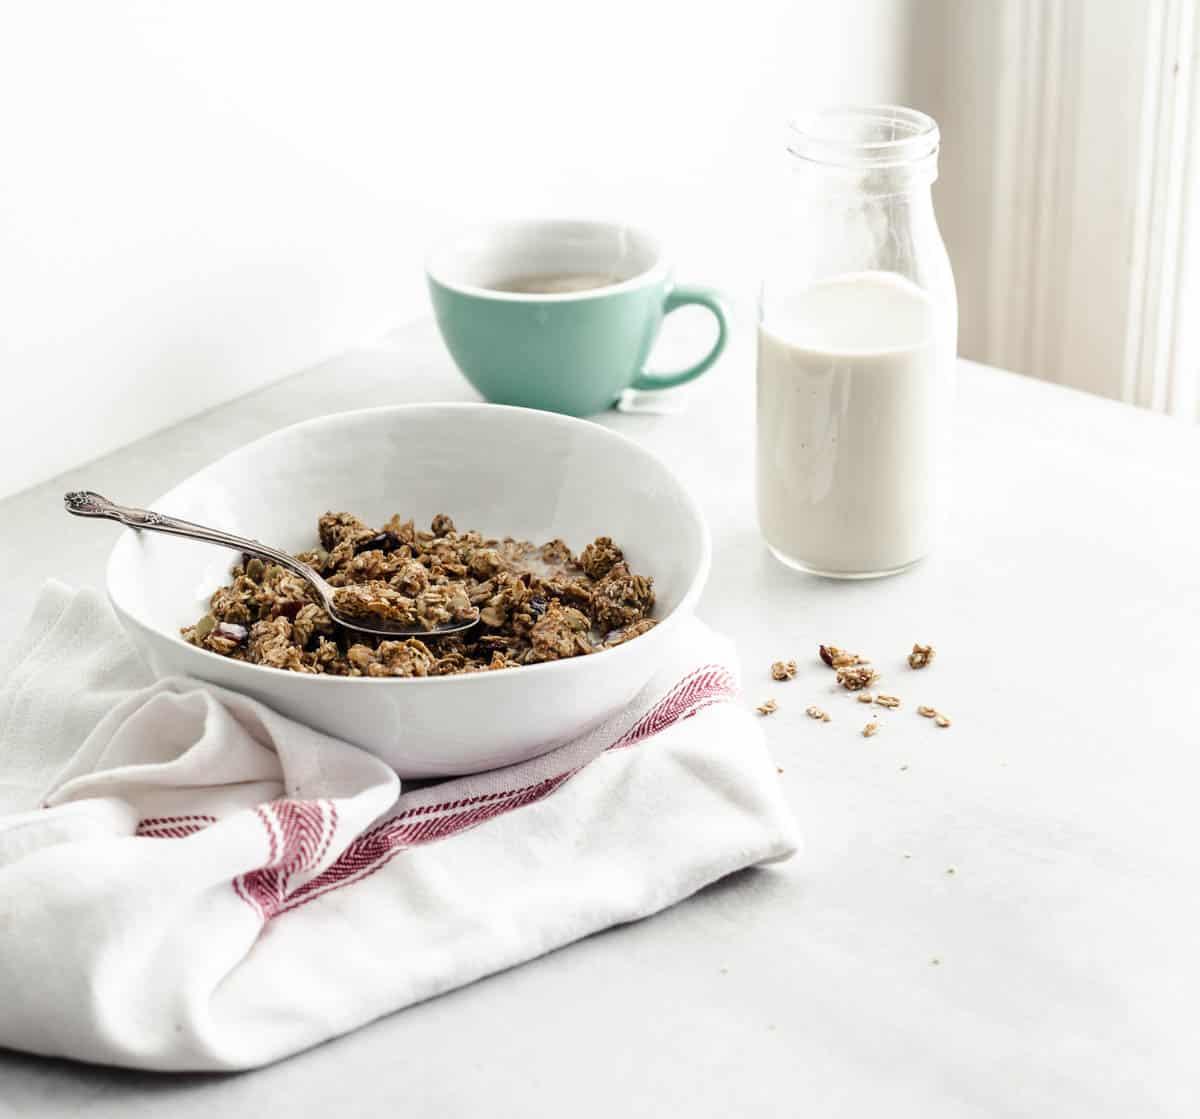 Un bol de granola sur un comptoir blanc accompagné d'une petite bouteille de boisson de soja et d'une tasse de thé